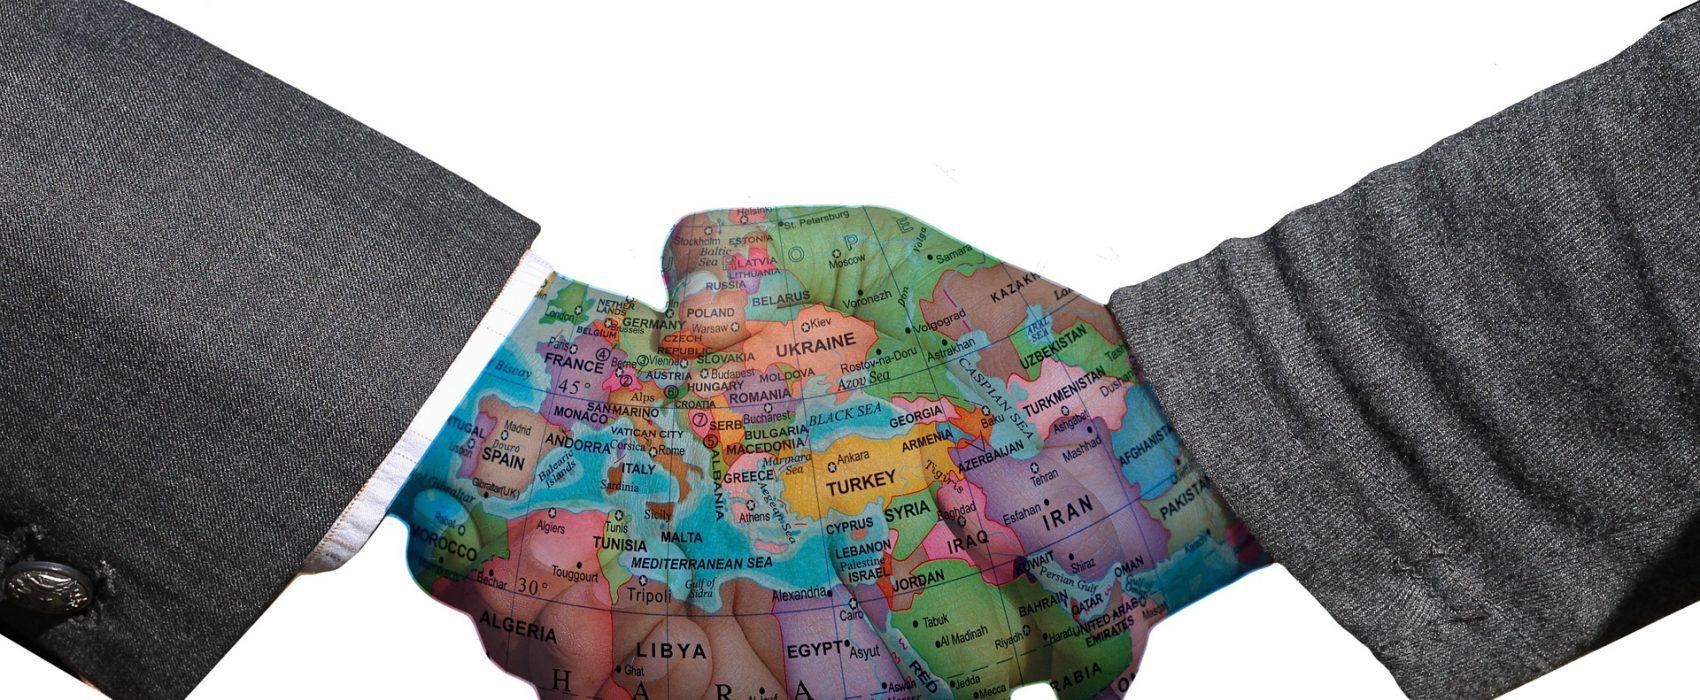 L'Europe est importante dans la coopération au développement